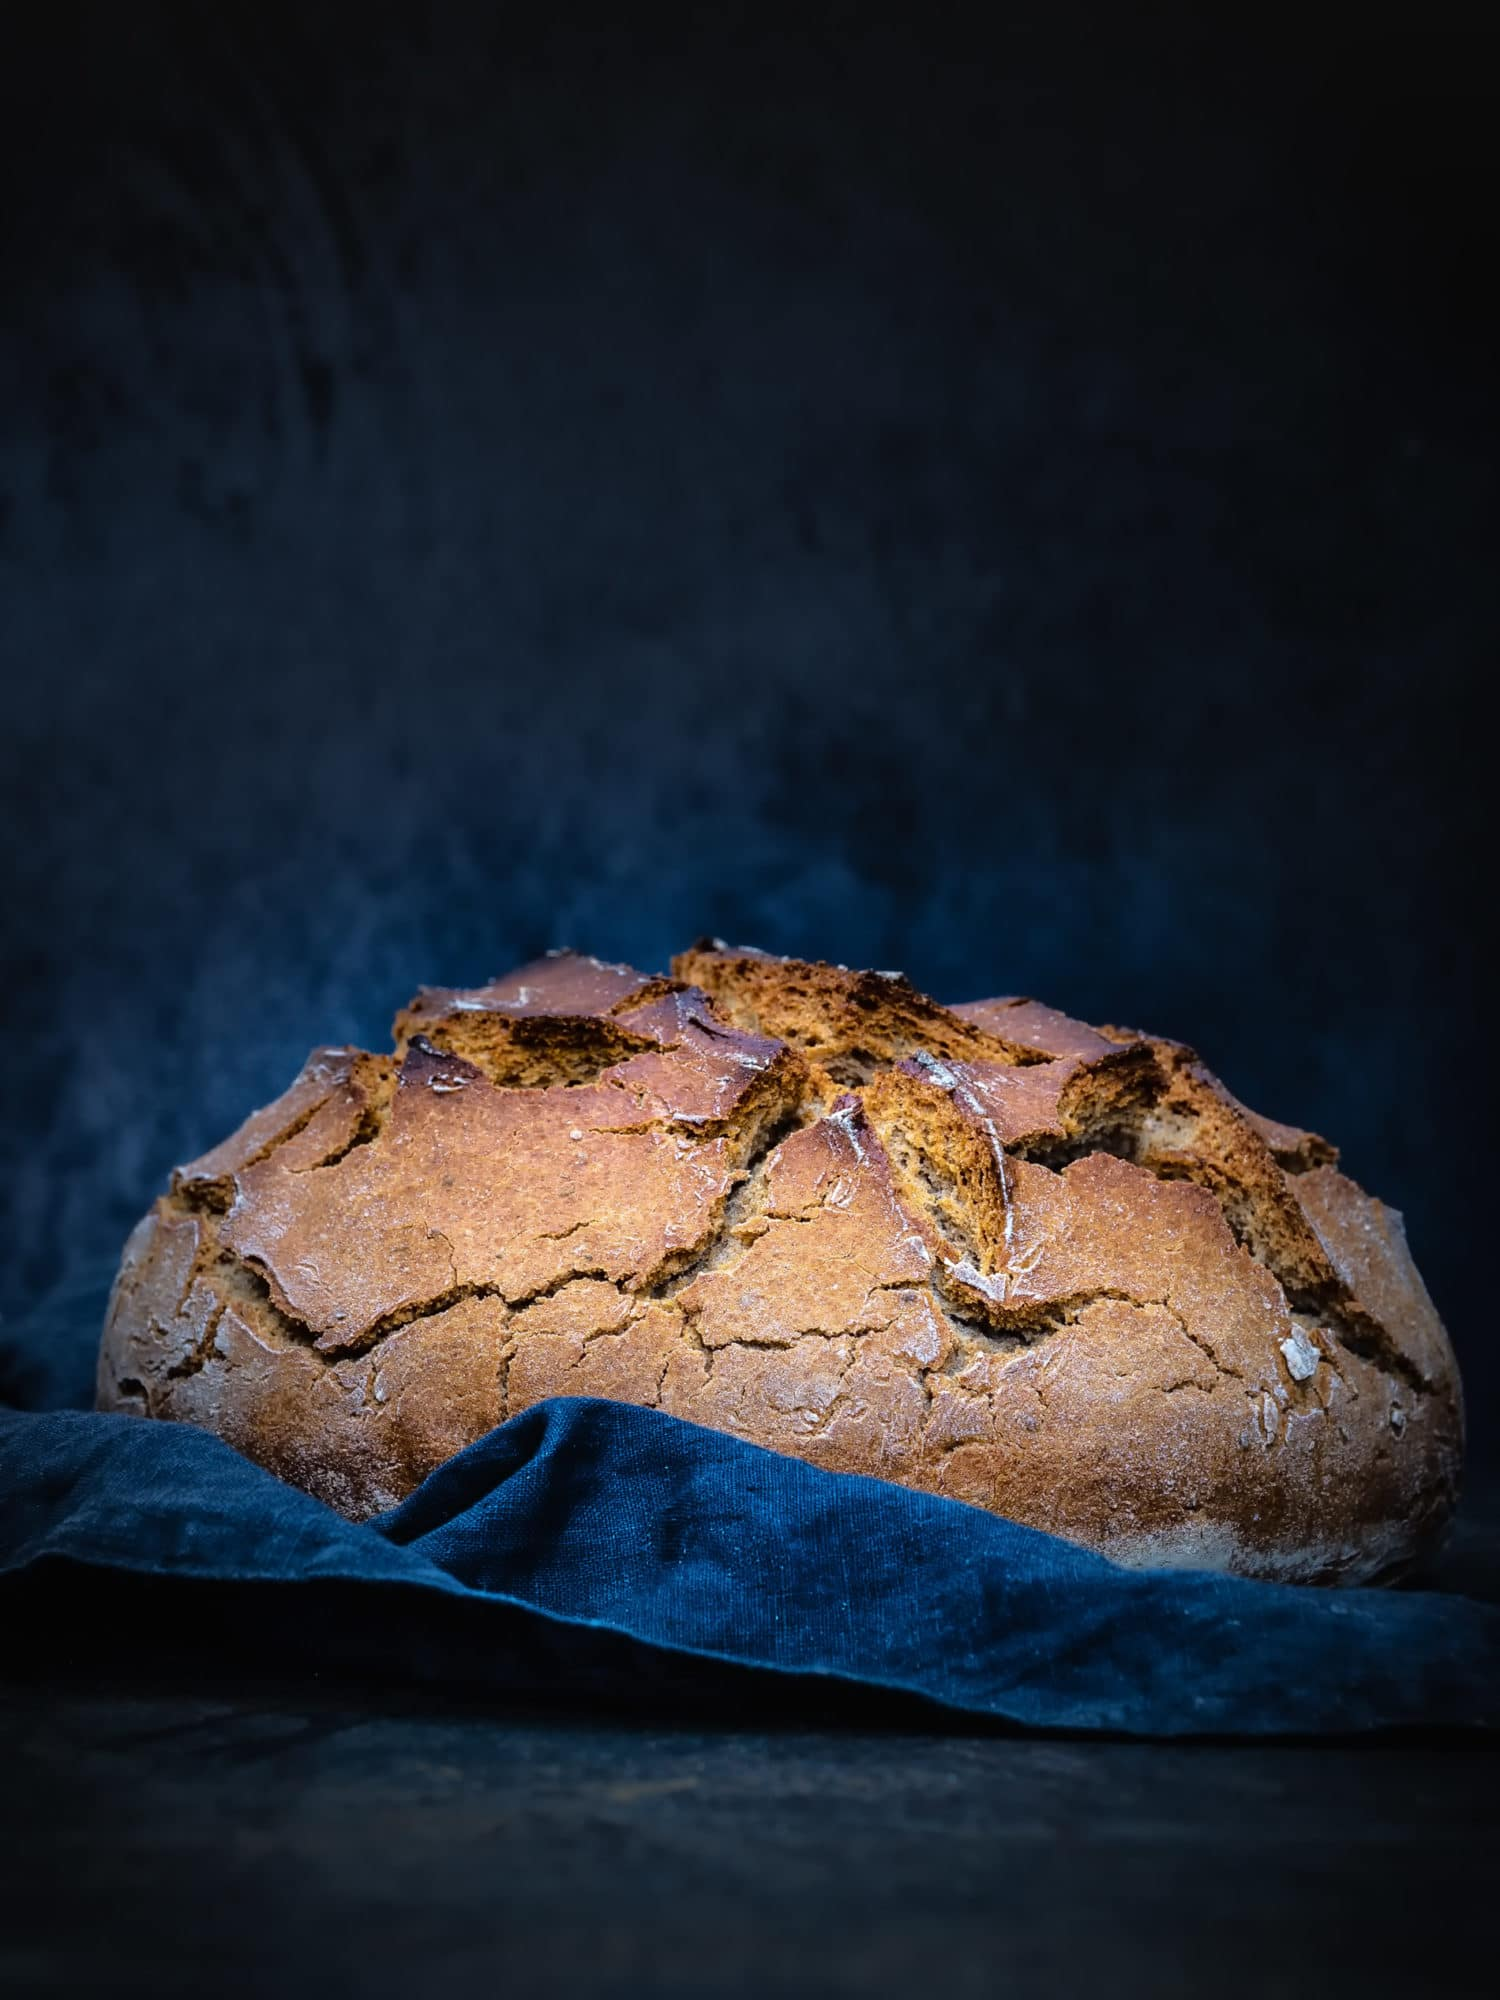 ganzes frisch gebackenes Brot